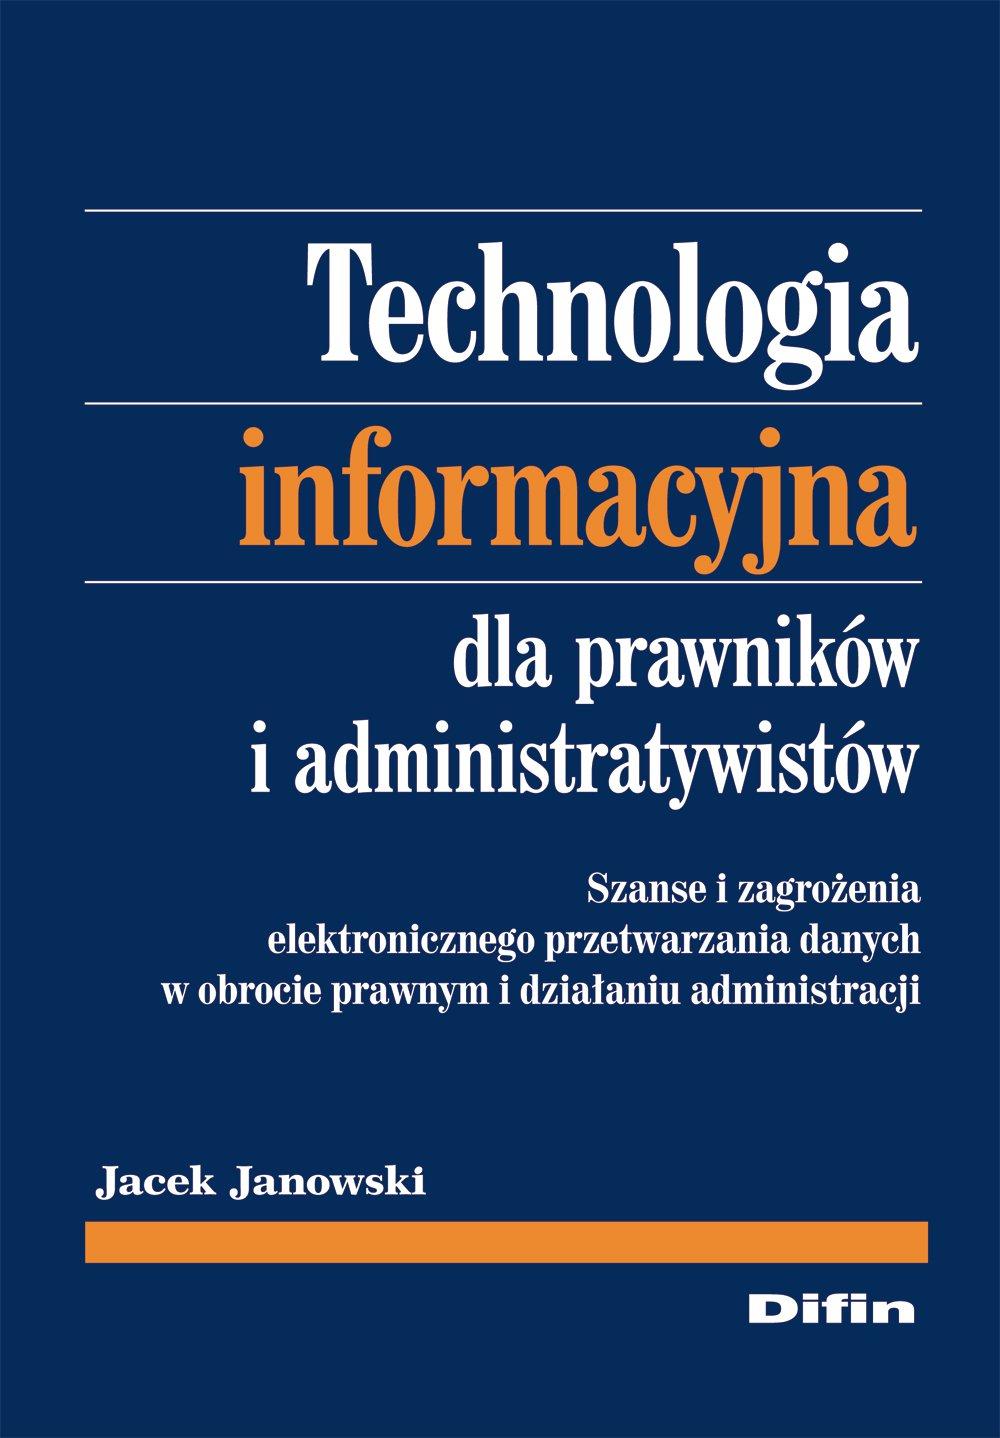 Technologia informacyjna dla prawników i administratywistów. Szanse i zagrożenia elektronicznego przetwarzania danych w obrocie prawnym i działaniu administracji